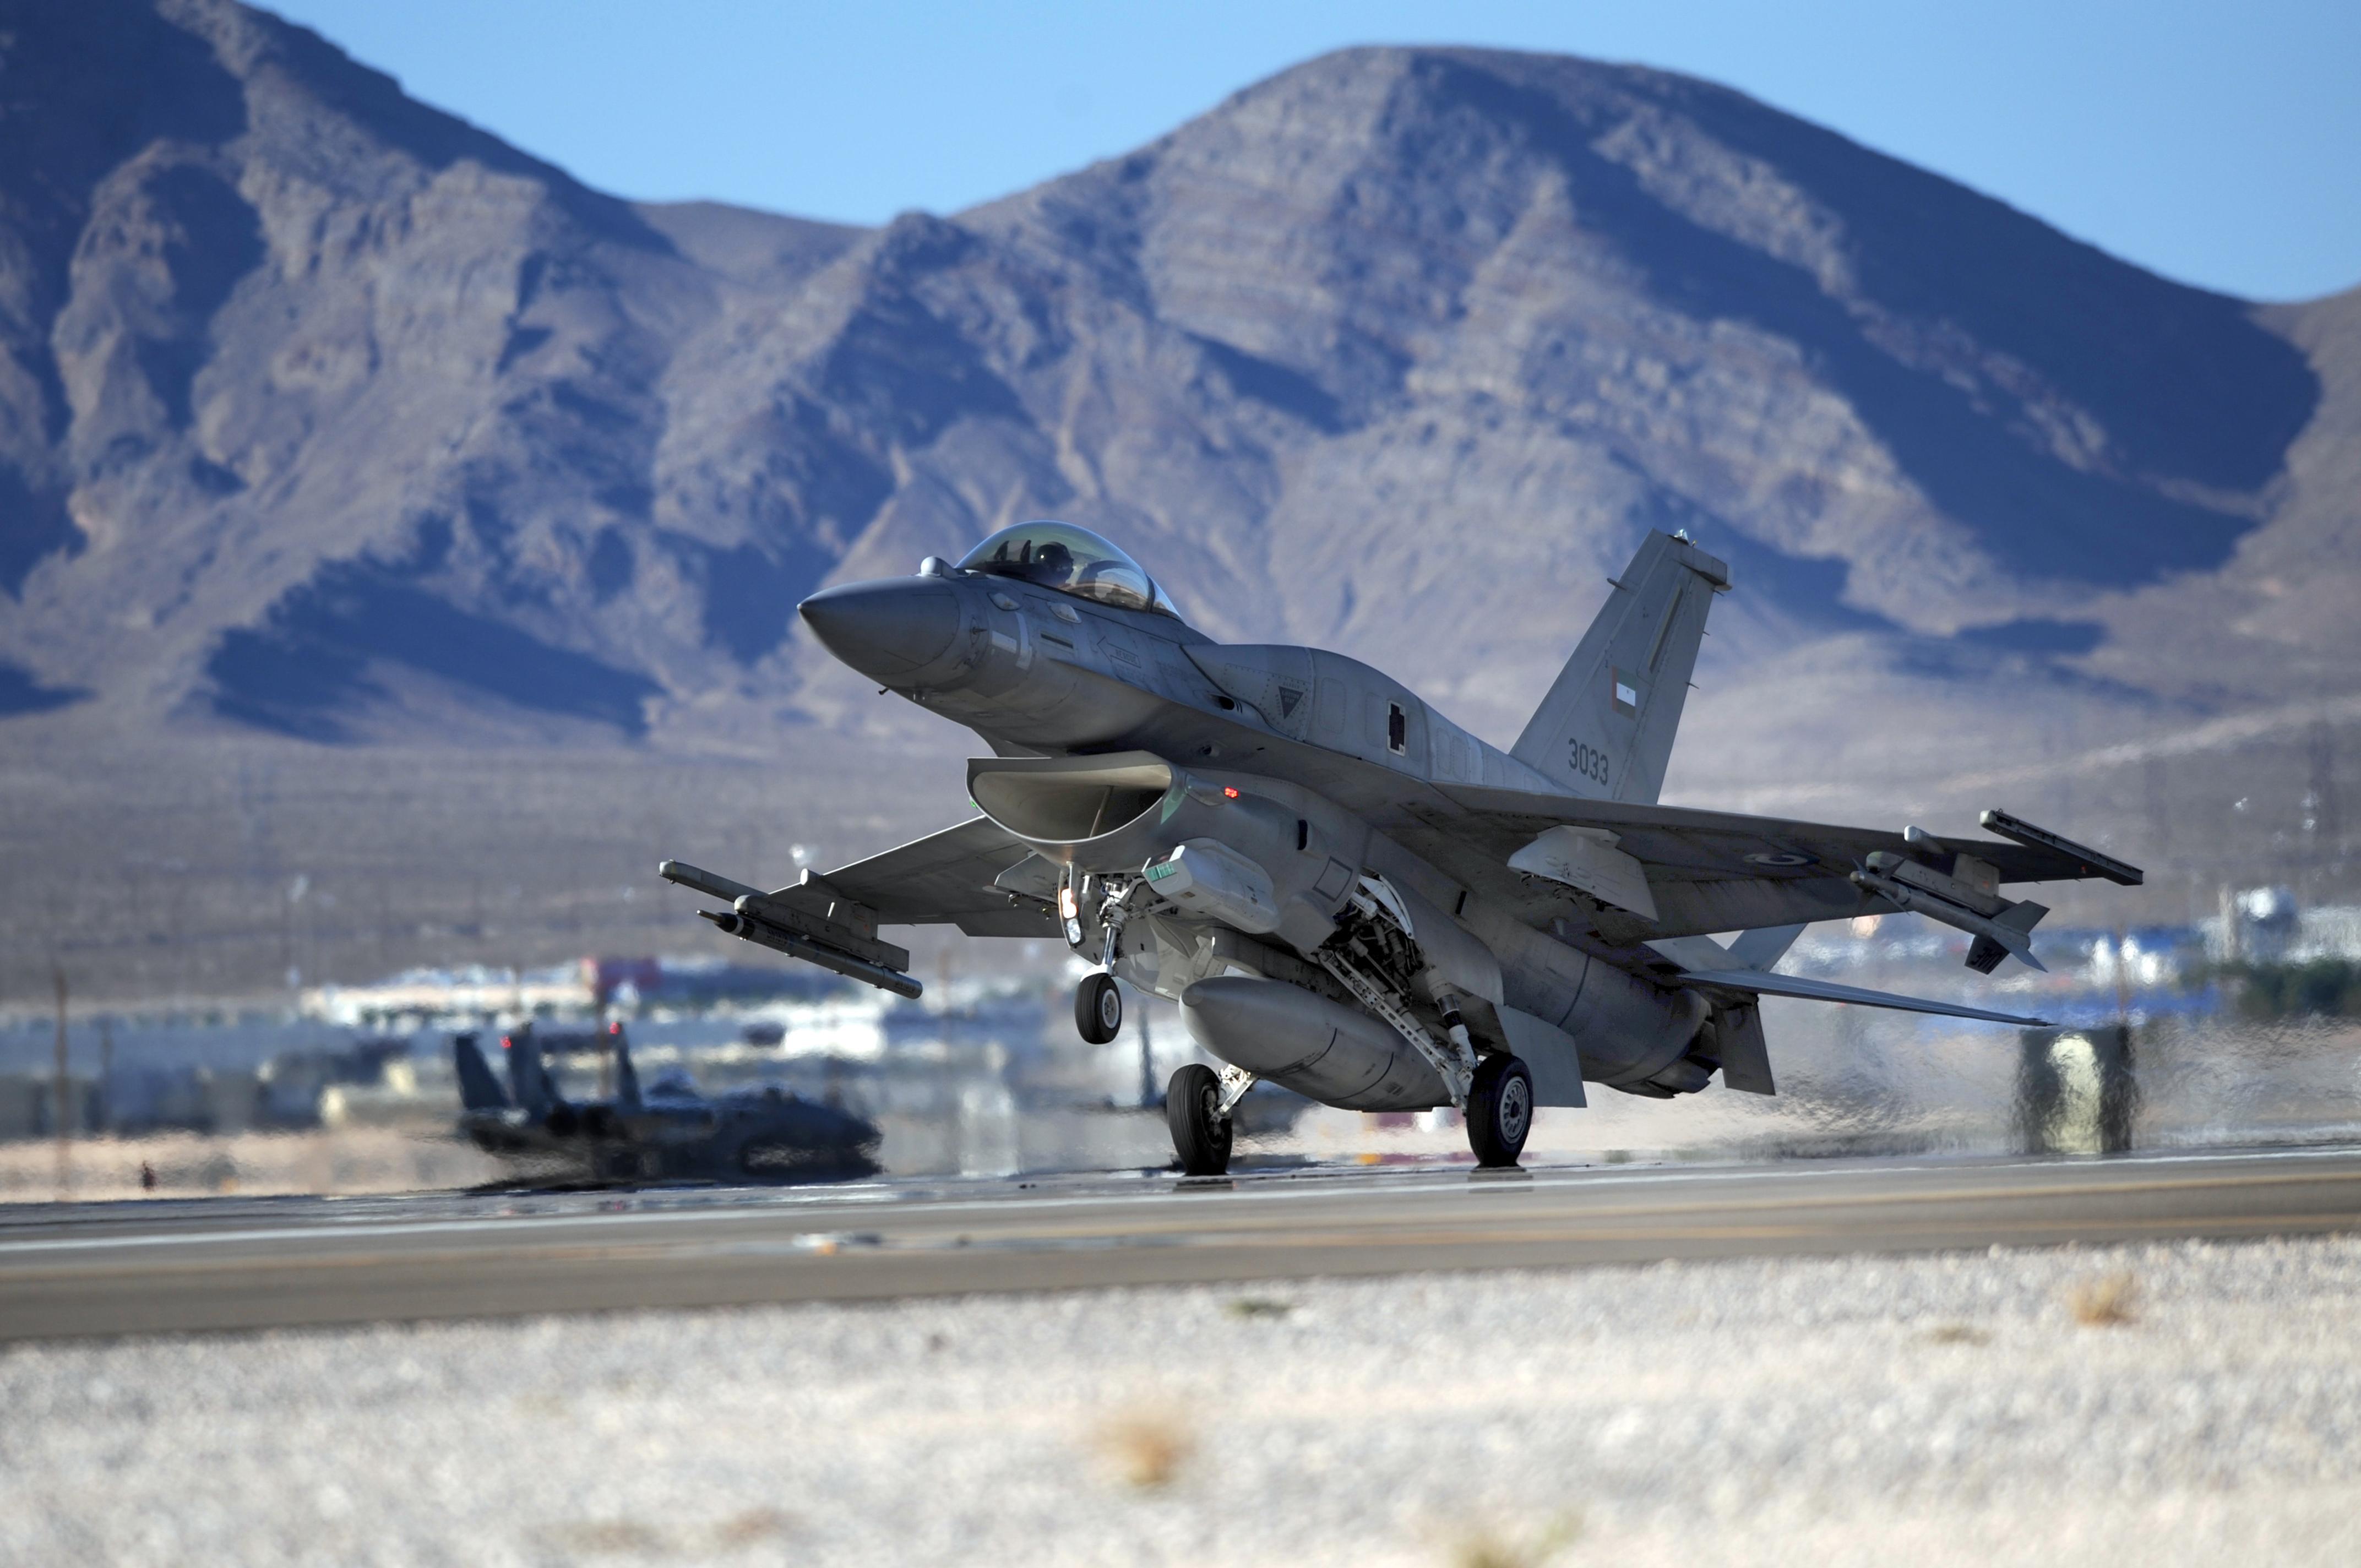 Armée des Emirats Arabe Unis 090826-F-3431H-525